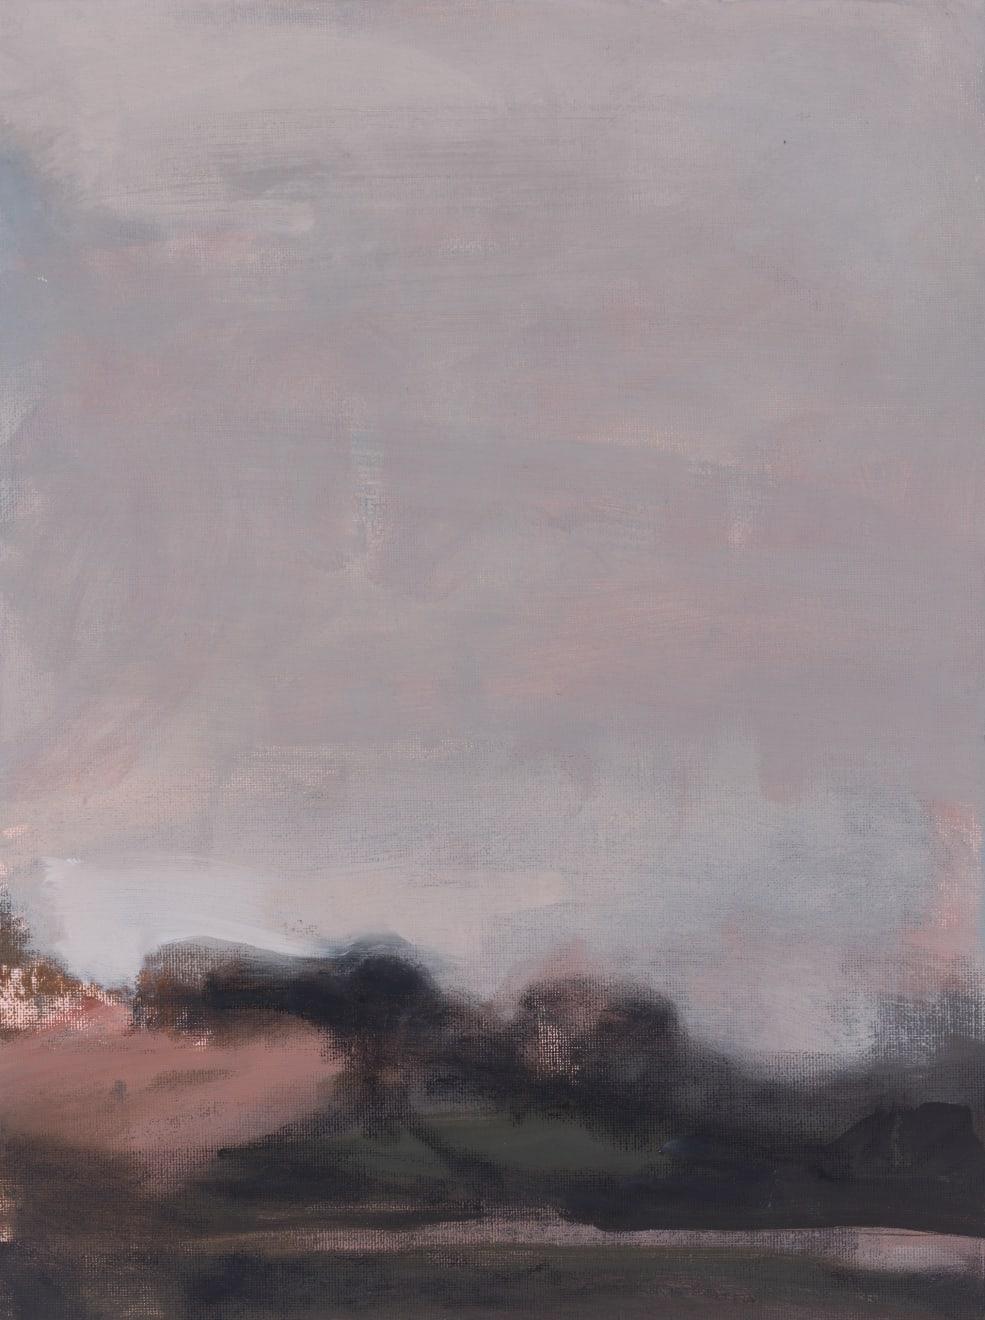 Greg Wood V19 Reimagining 2020 Oil on Canvas Board Original Charcoal Frame 31 x 41 cm $1800 £900 SOLD